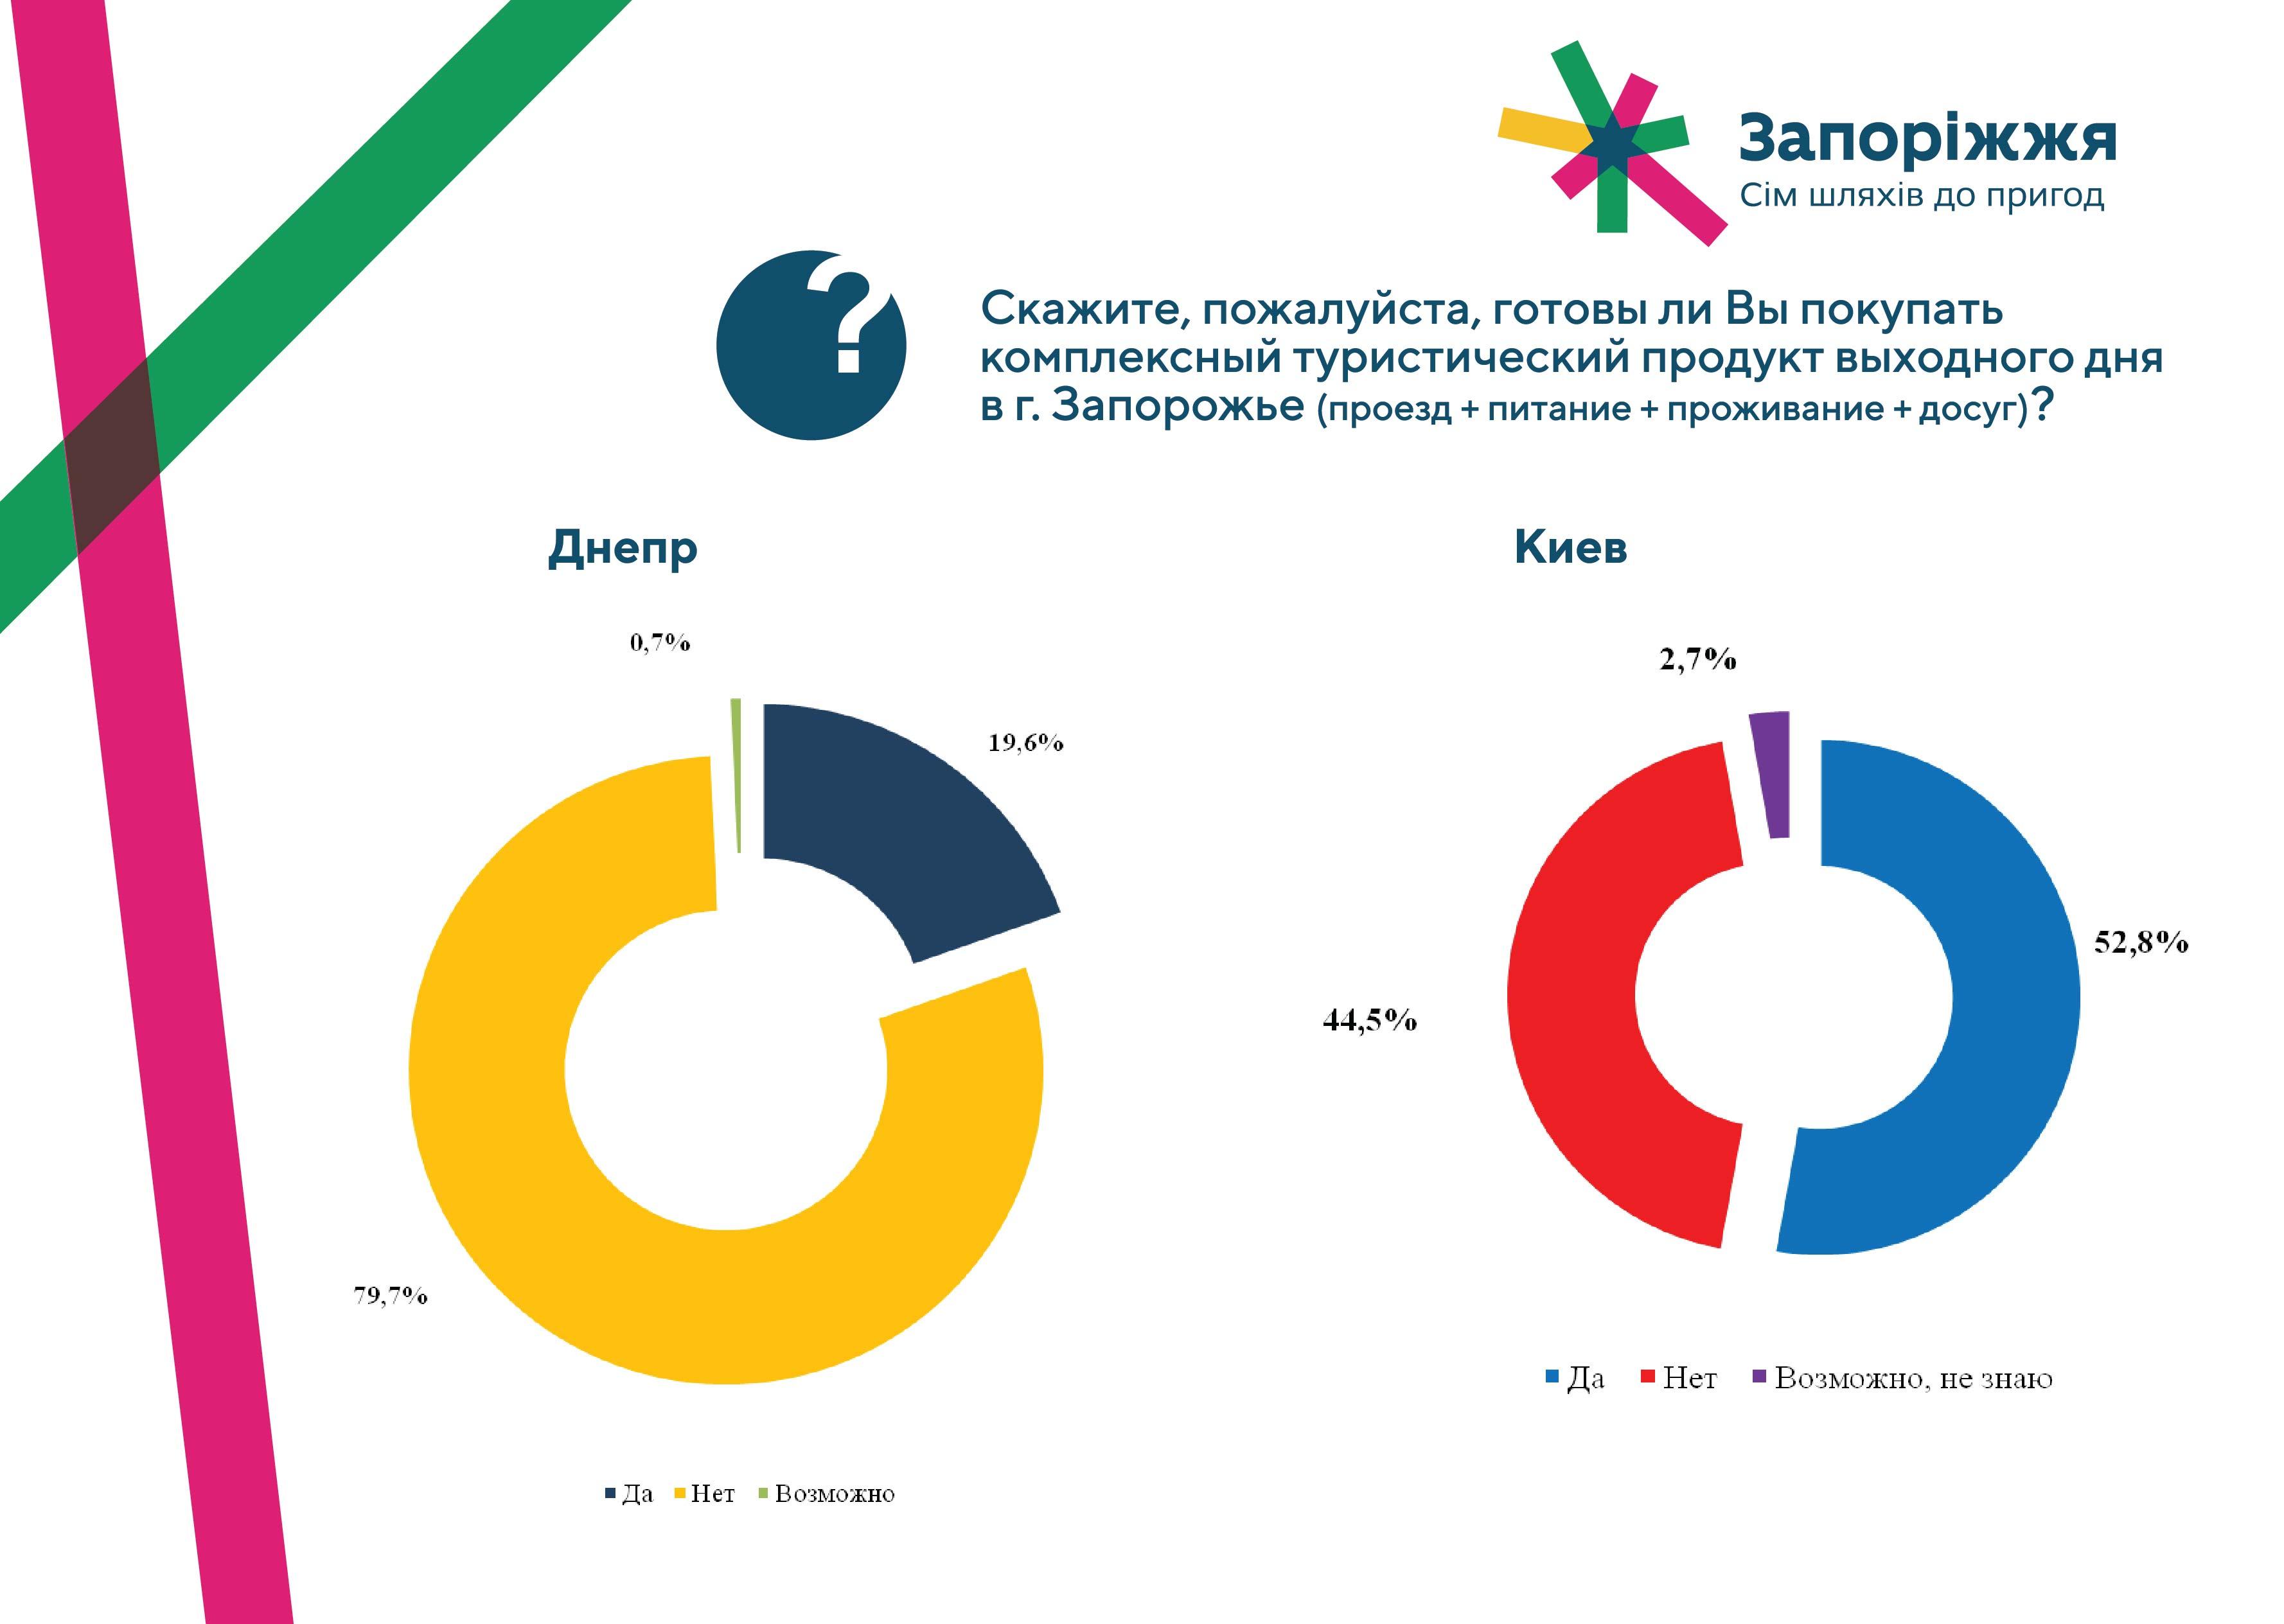 презентация-днепр-киев-17.jpg